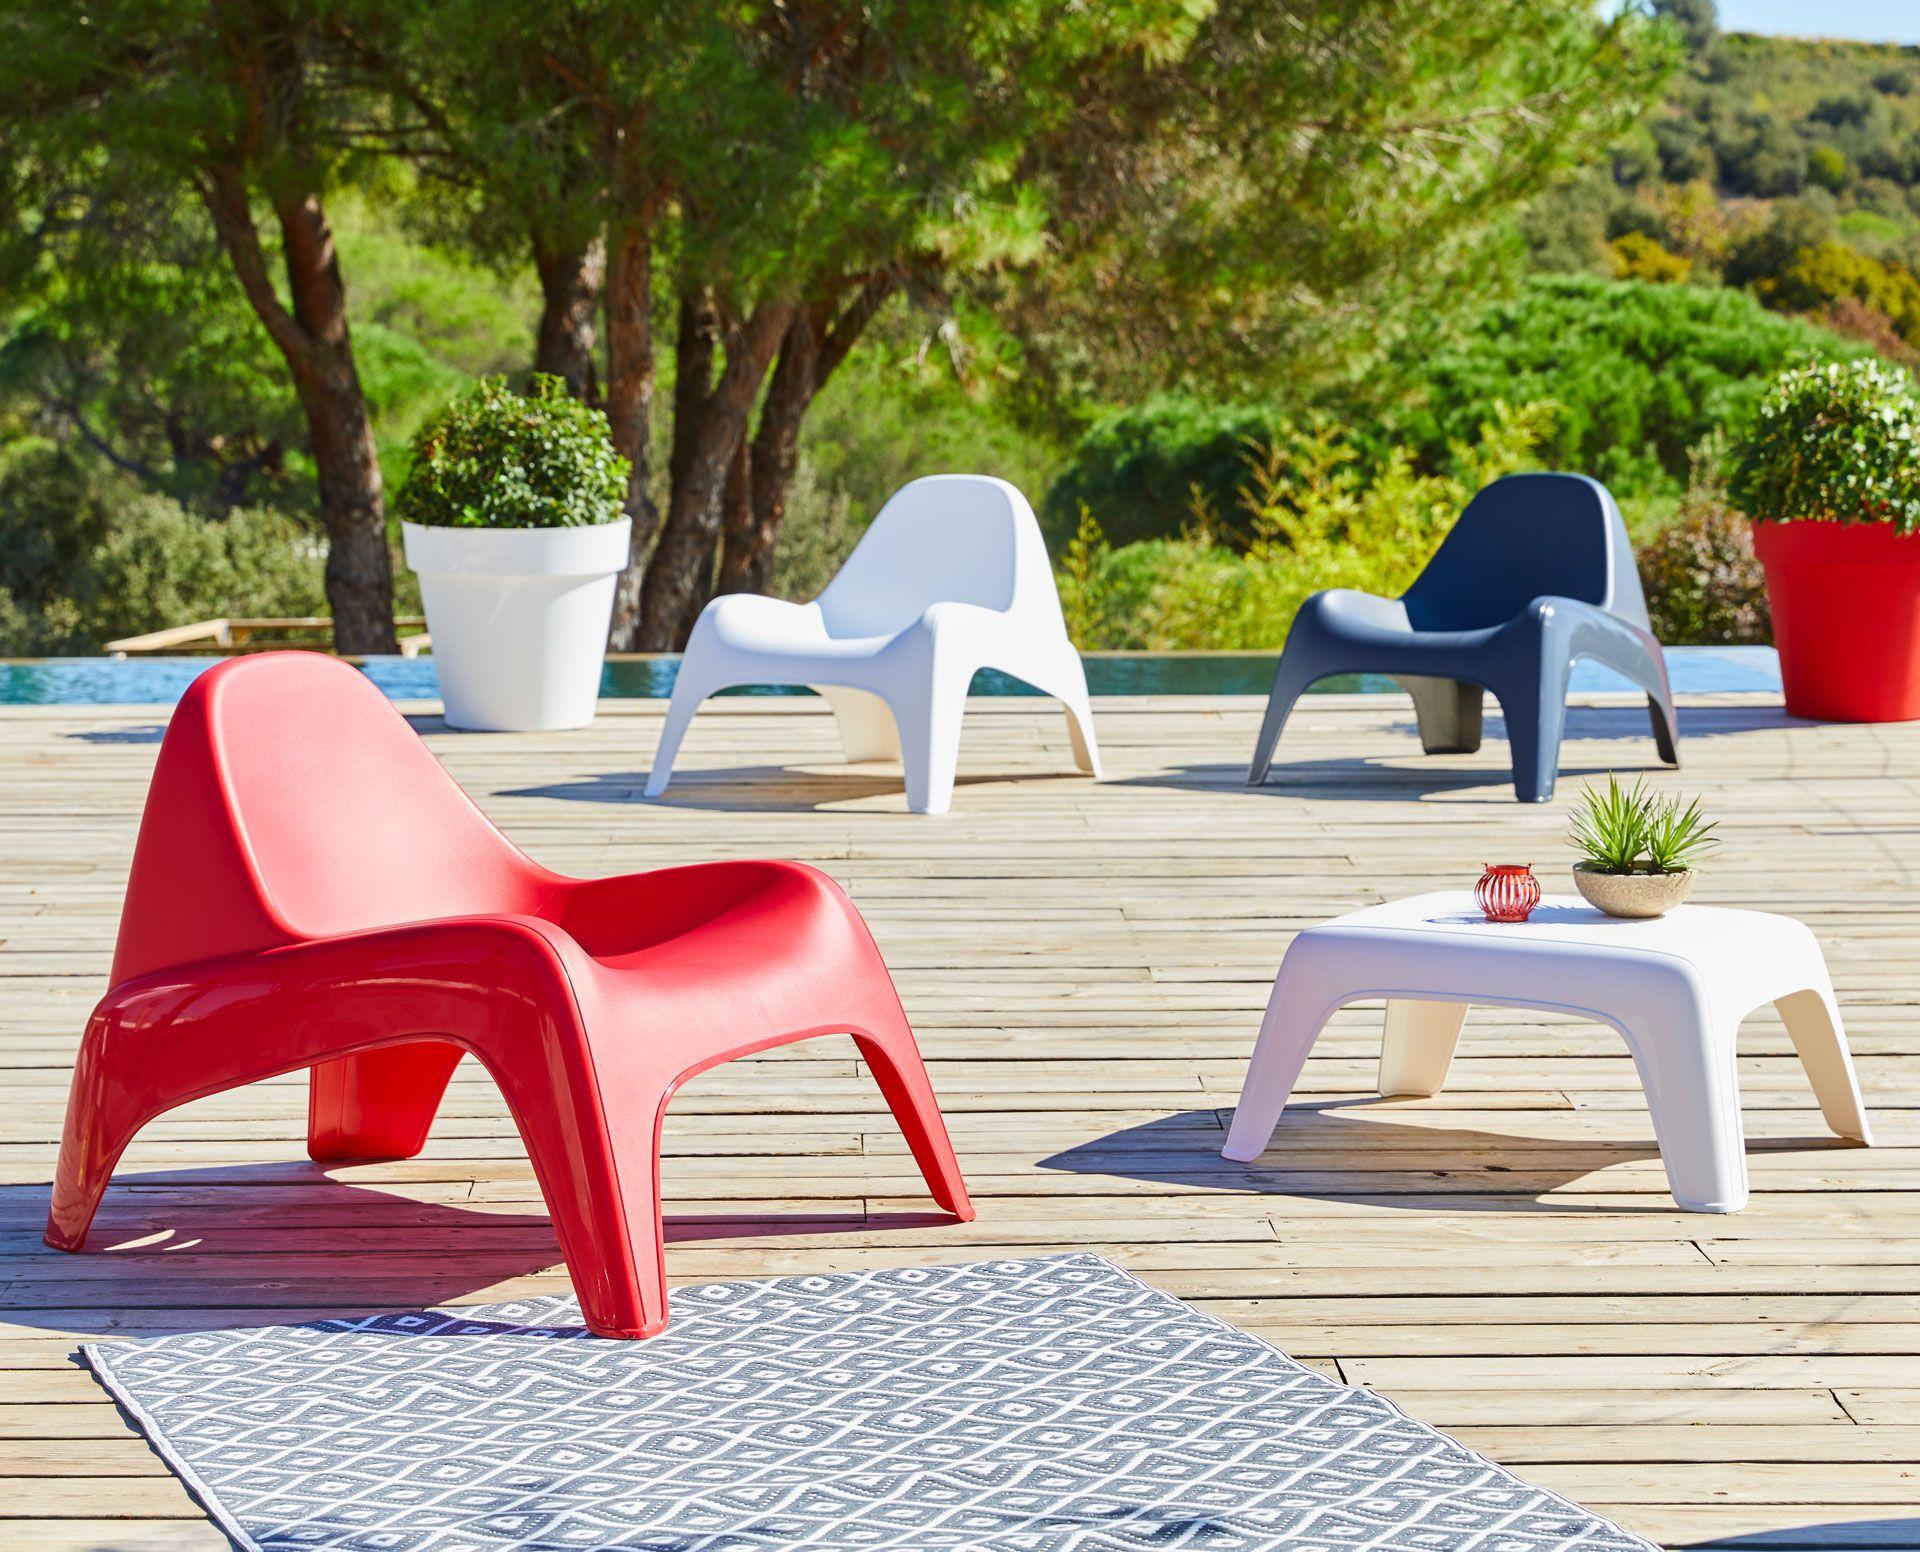 Comment Installer Une Piscine Dans Un Petit Jardin Mobilier Jardin Fauteuil Jardin Plastique Transat Jardin